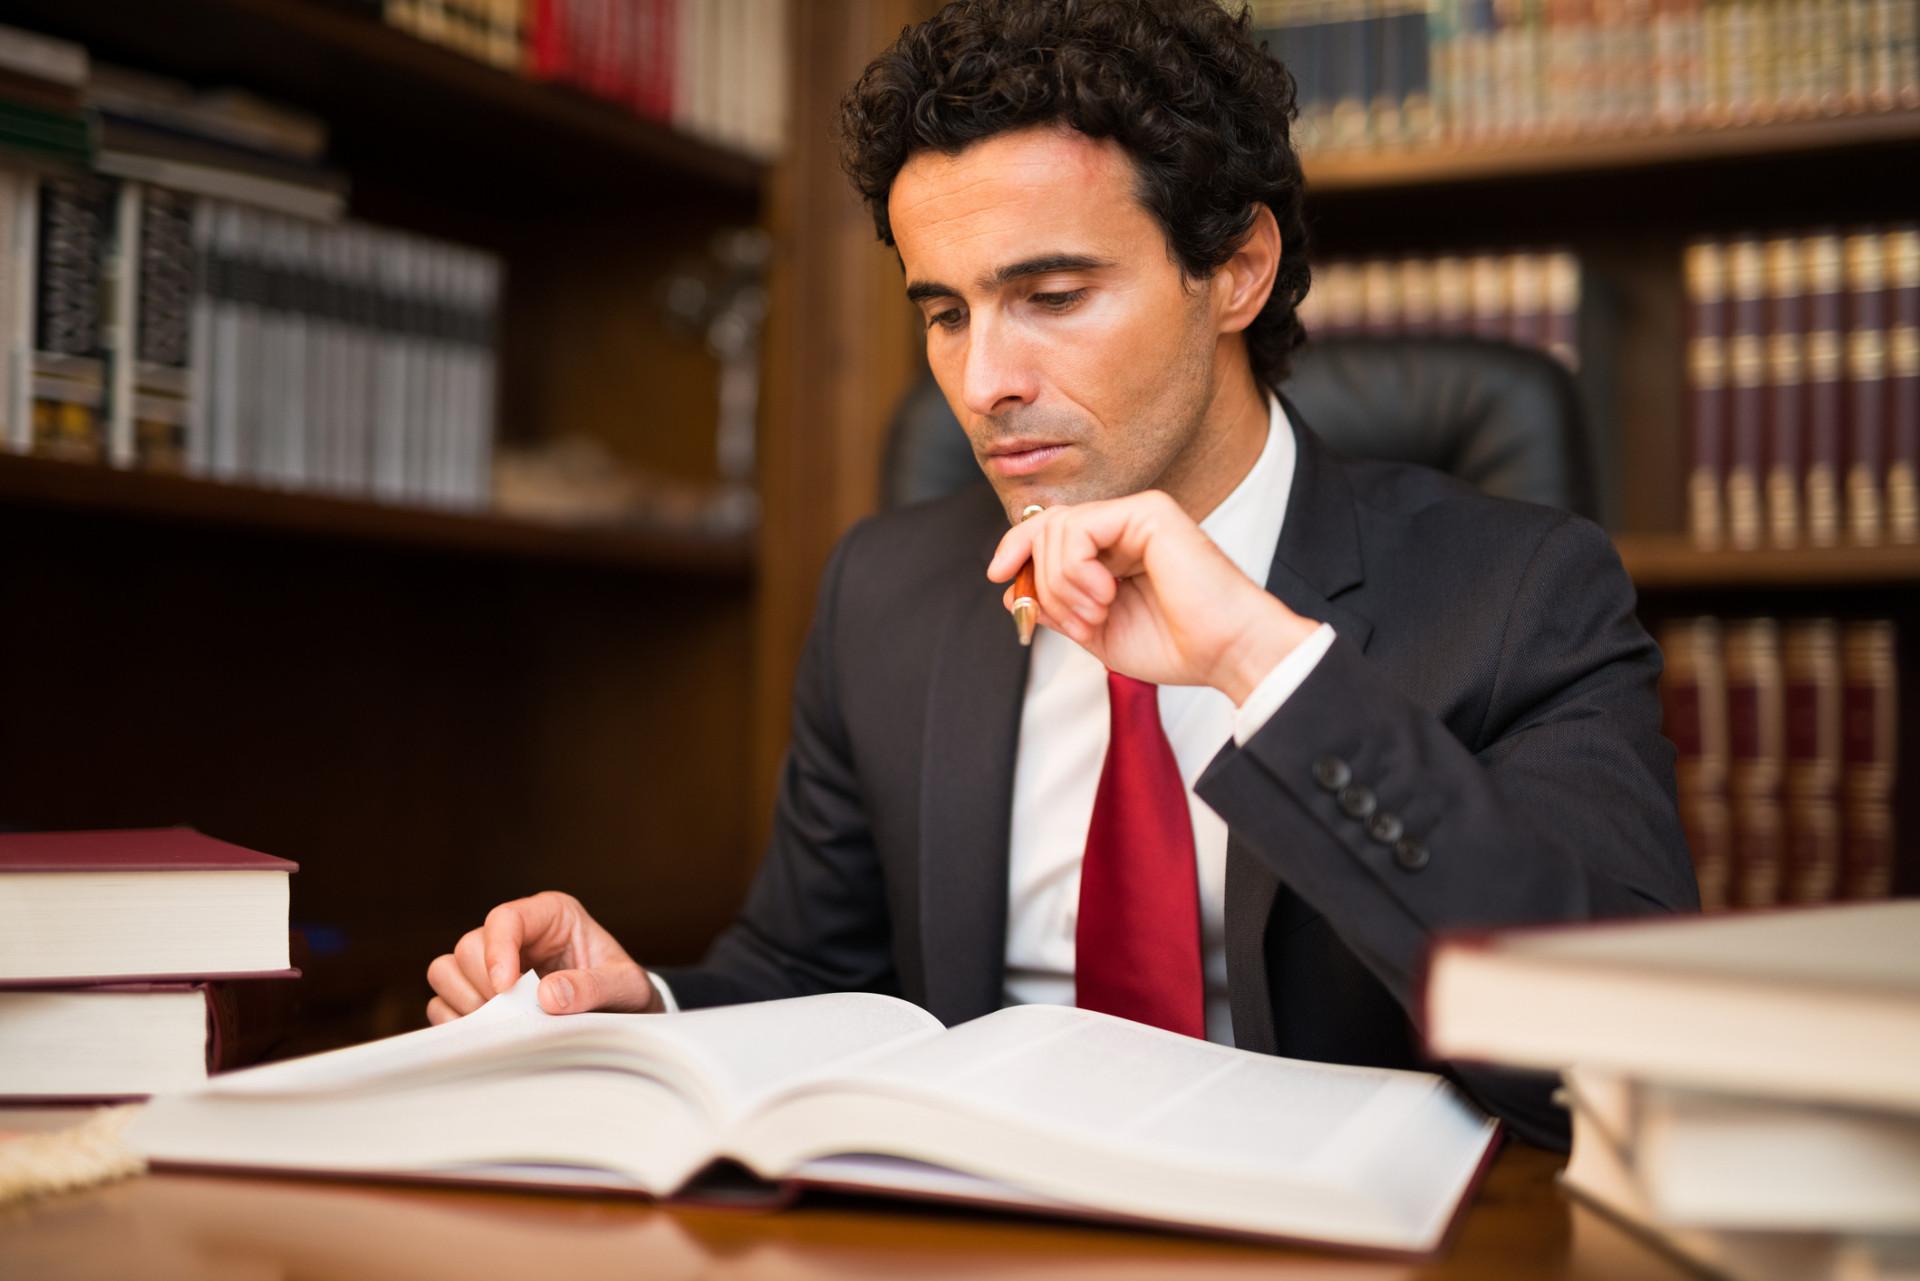 Korkeapalkkaiset stressittömät työt